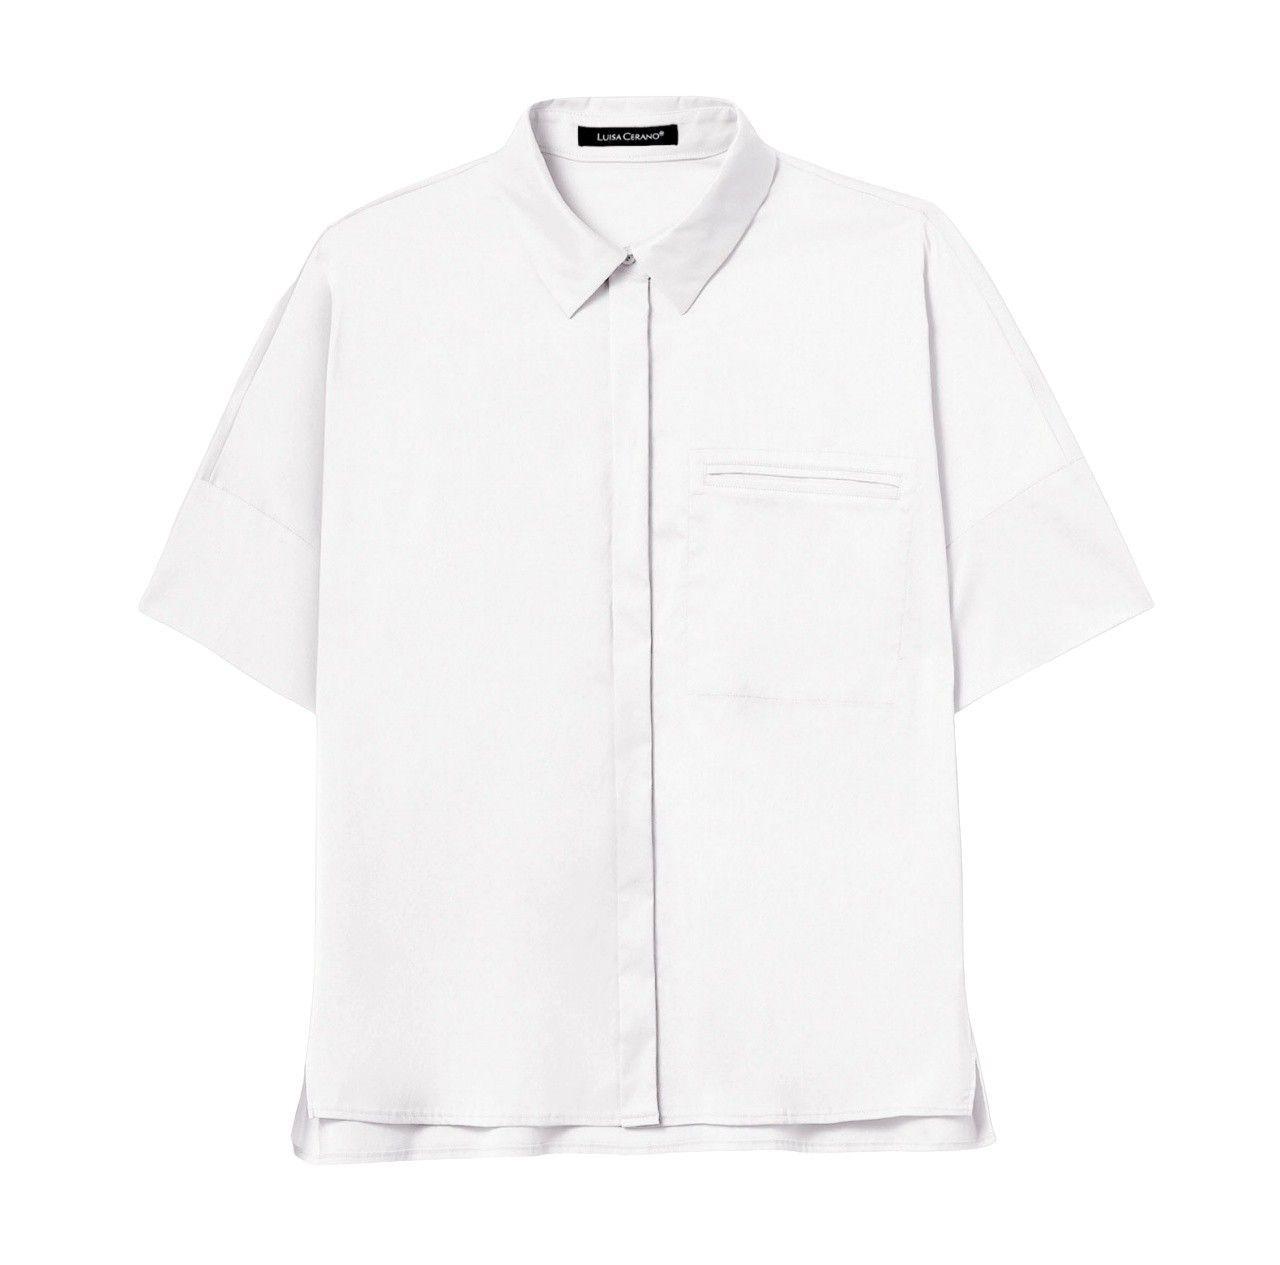 LUISA CERANO - Damen Bluse - Bluse mit Brusttasche - White